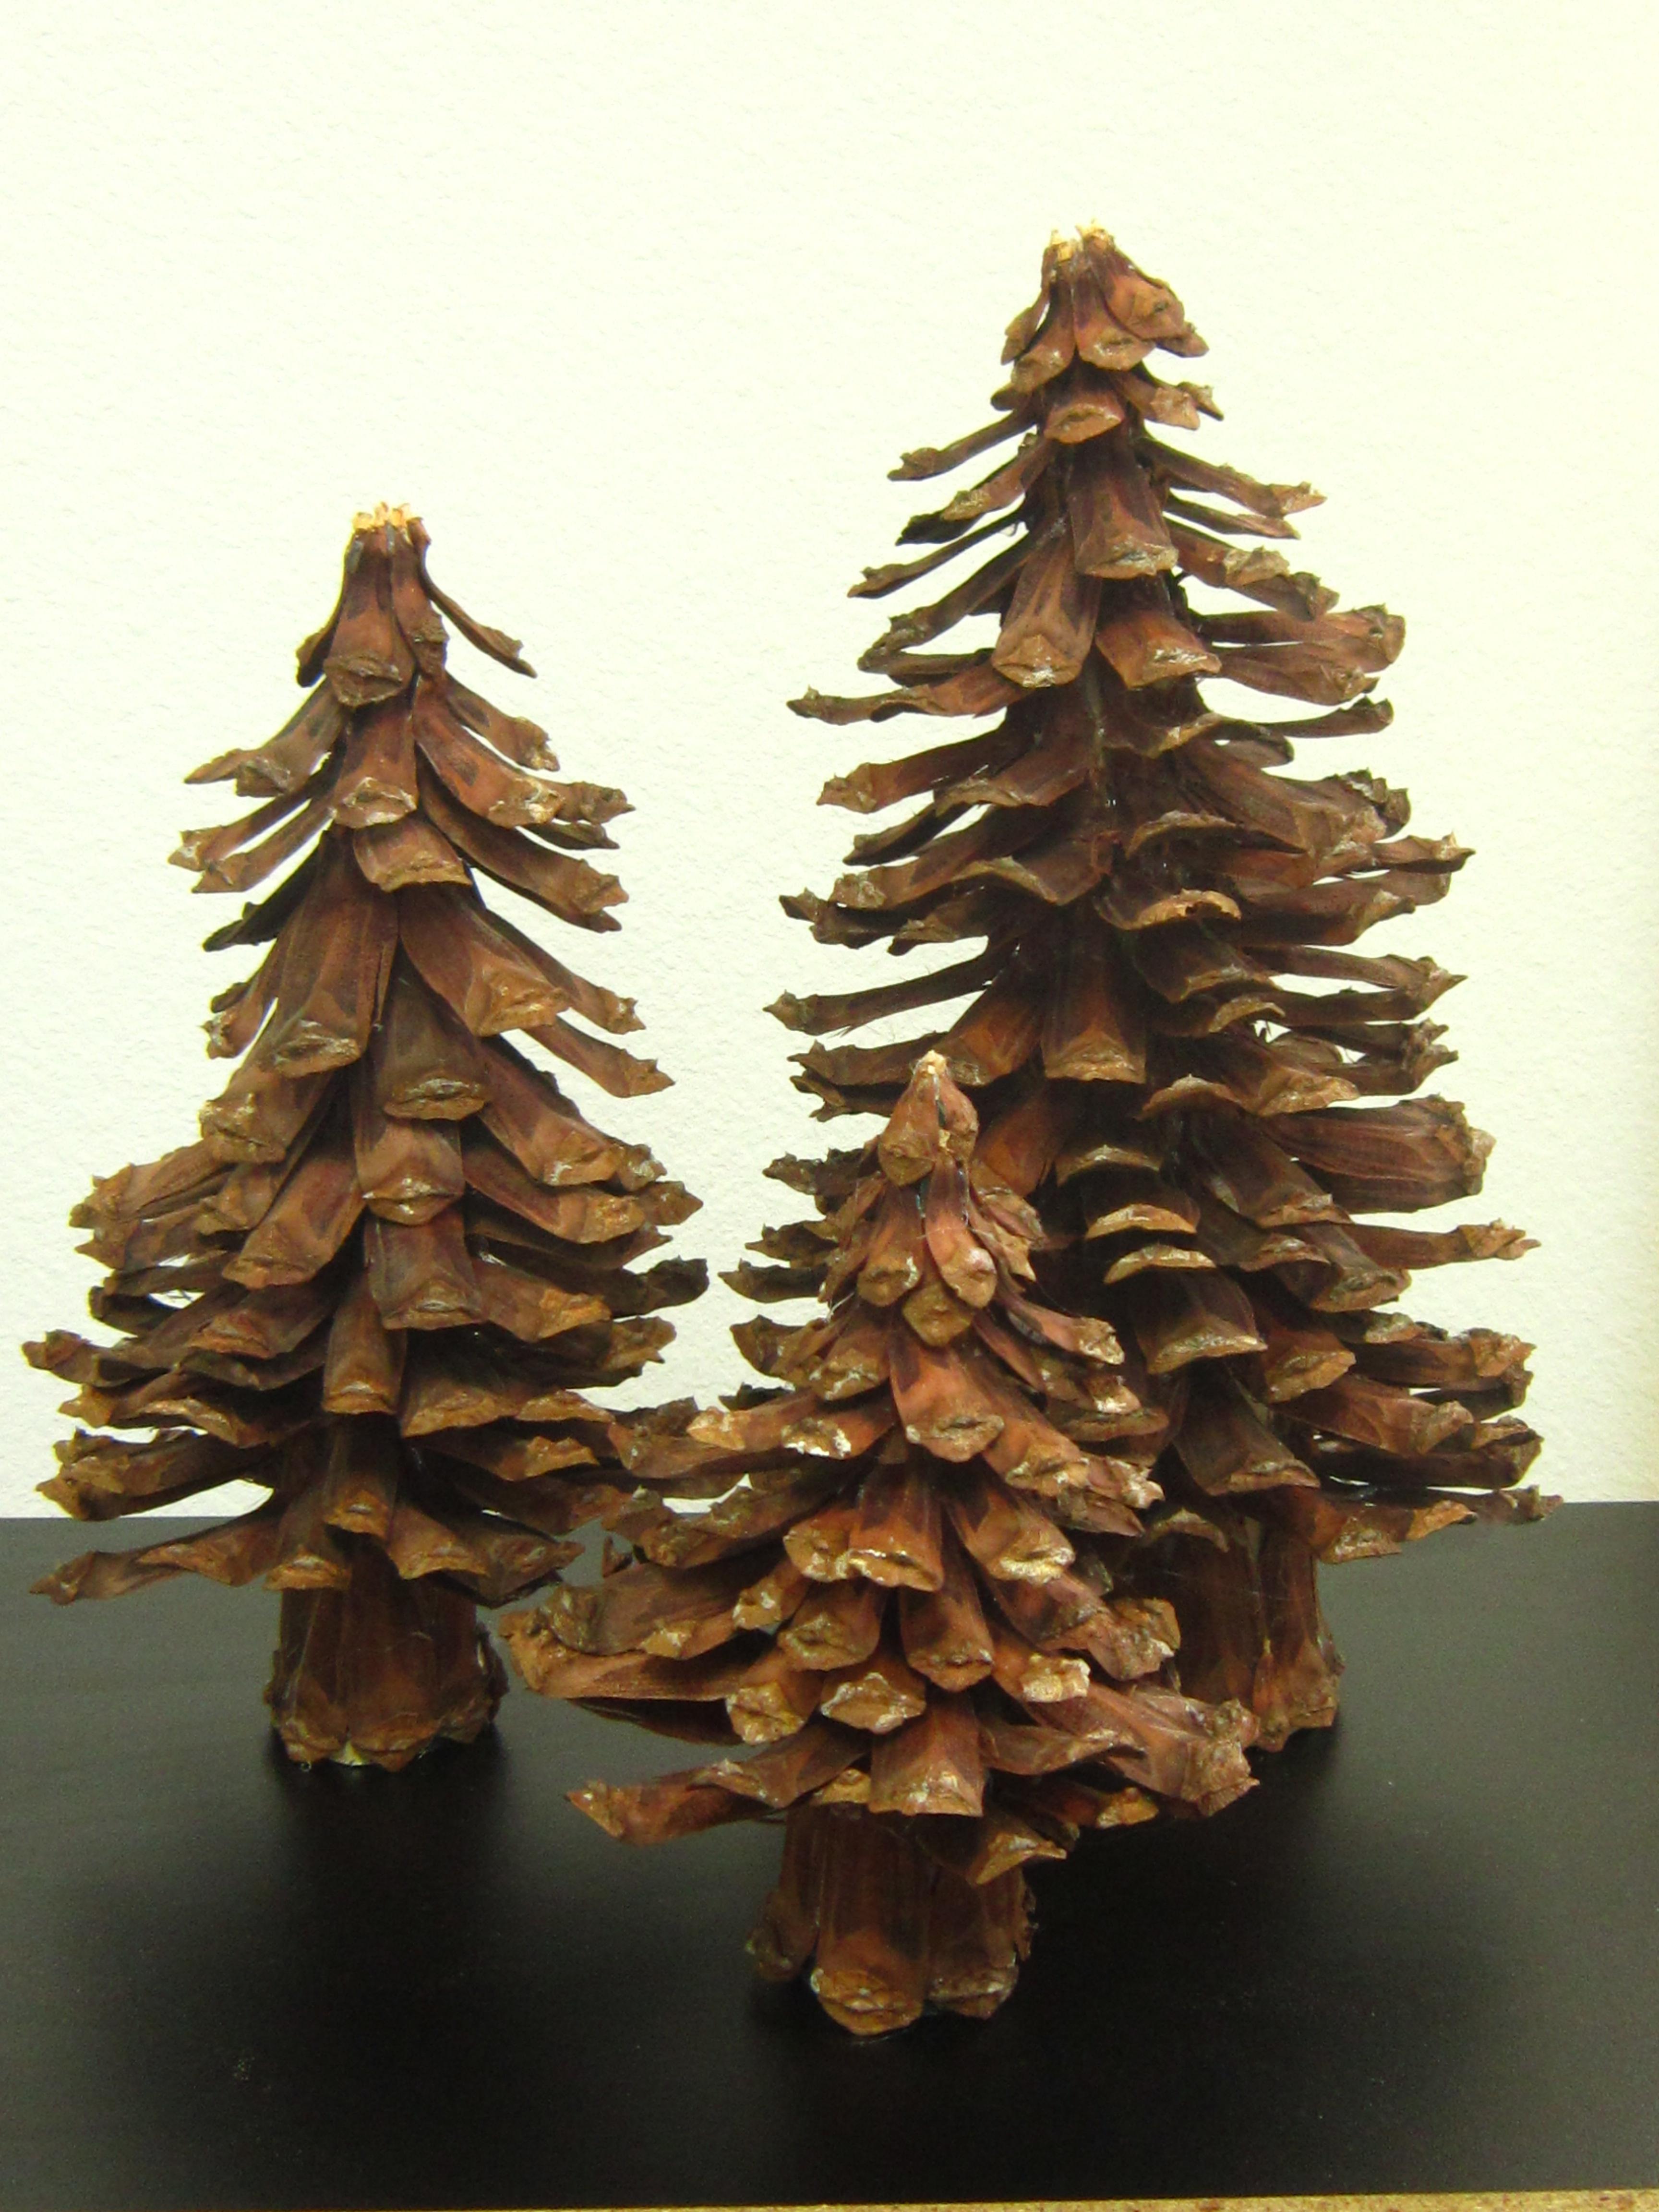 pinterest-pine-cone-trees